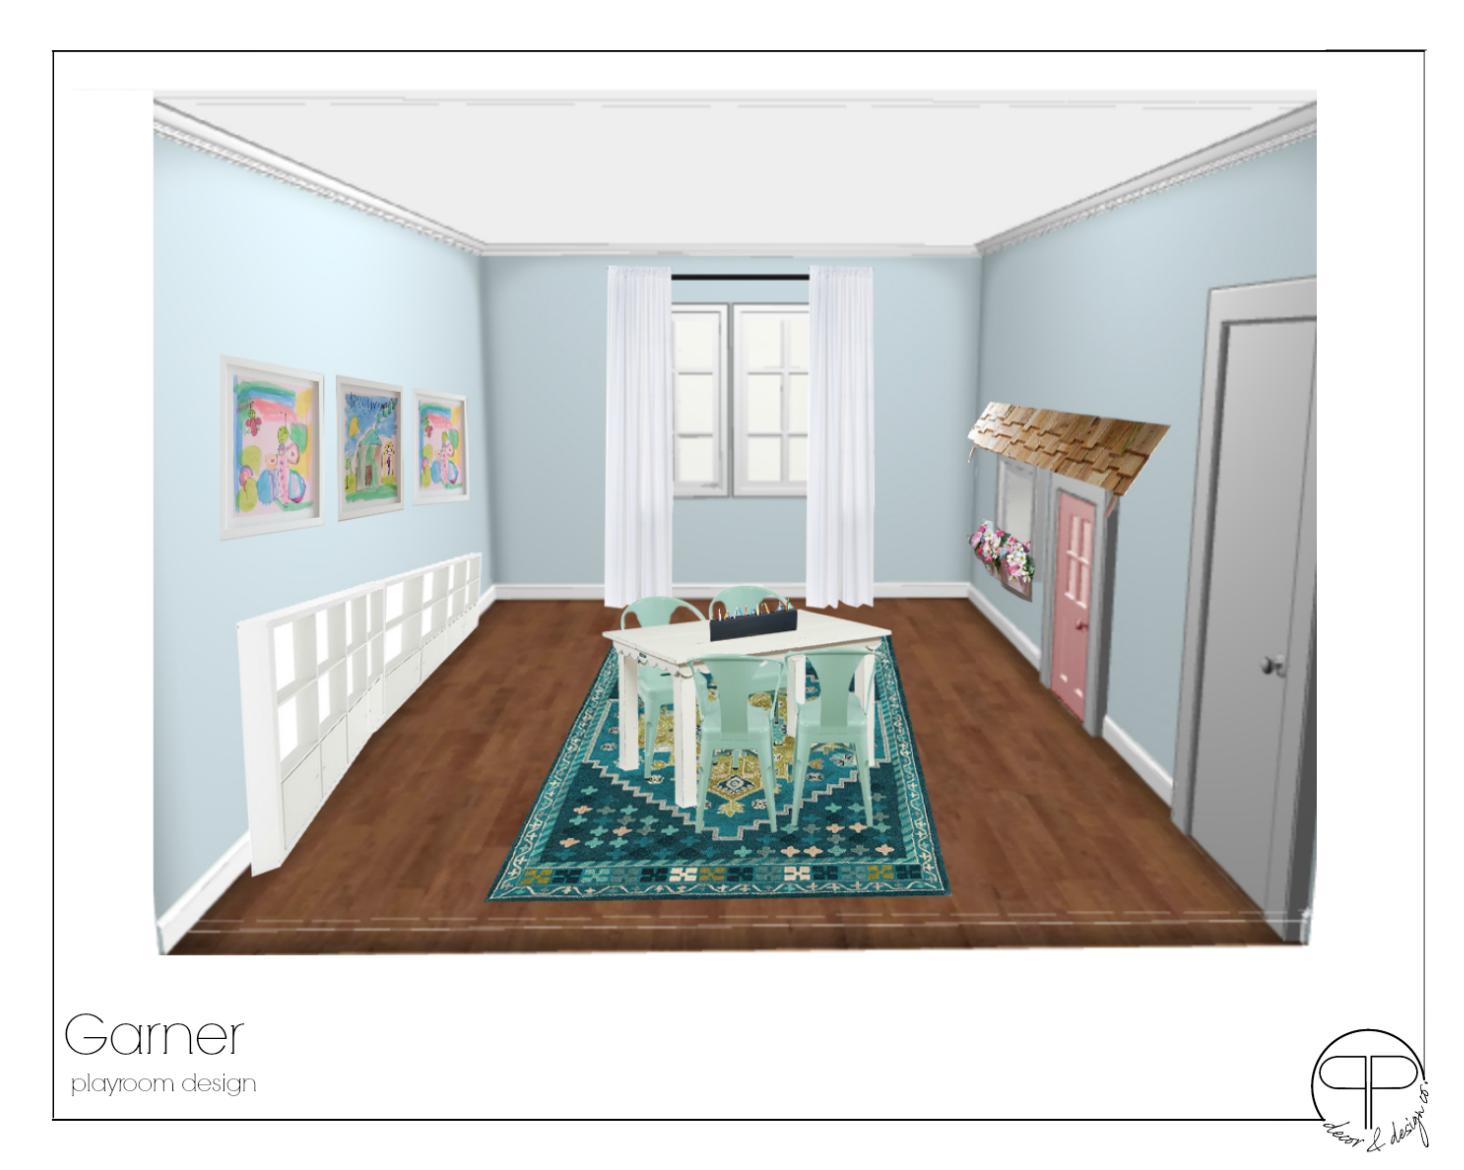 Garner_Playroom_Design_1.png